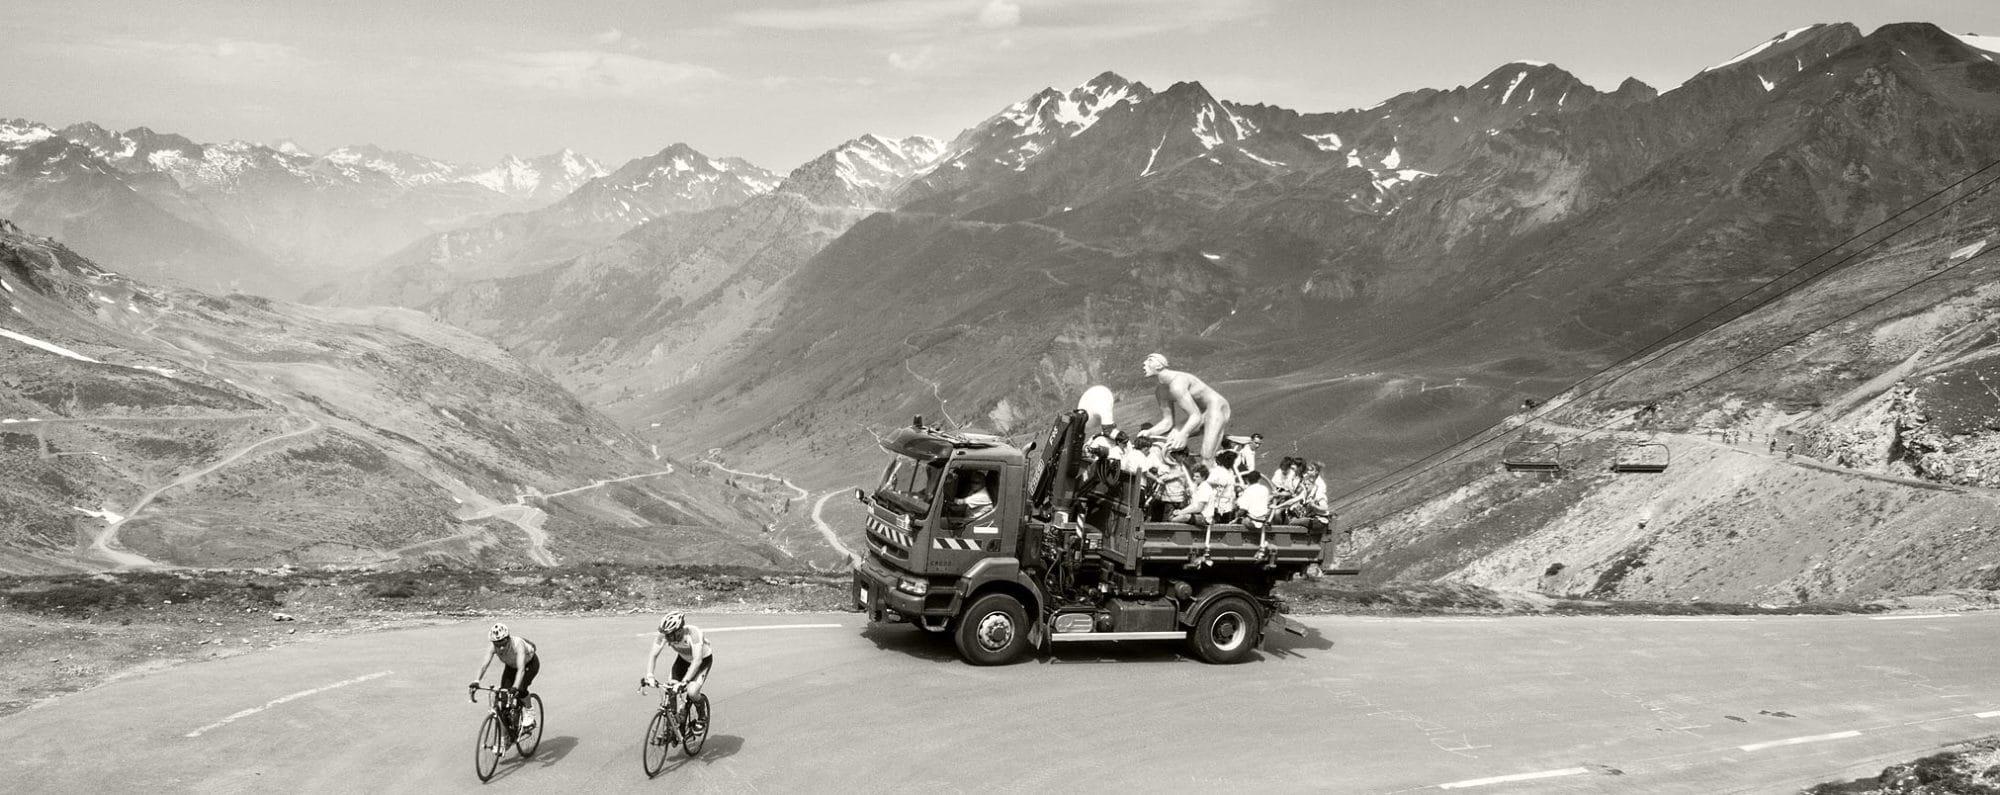 tourmalet - photo #40